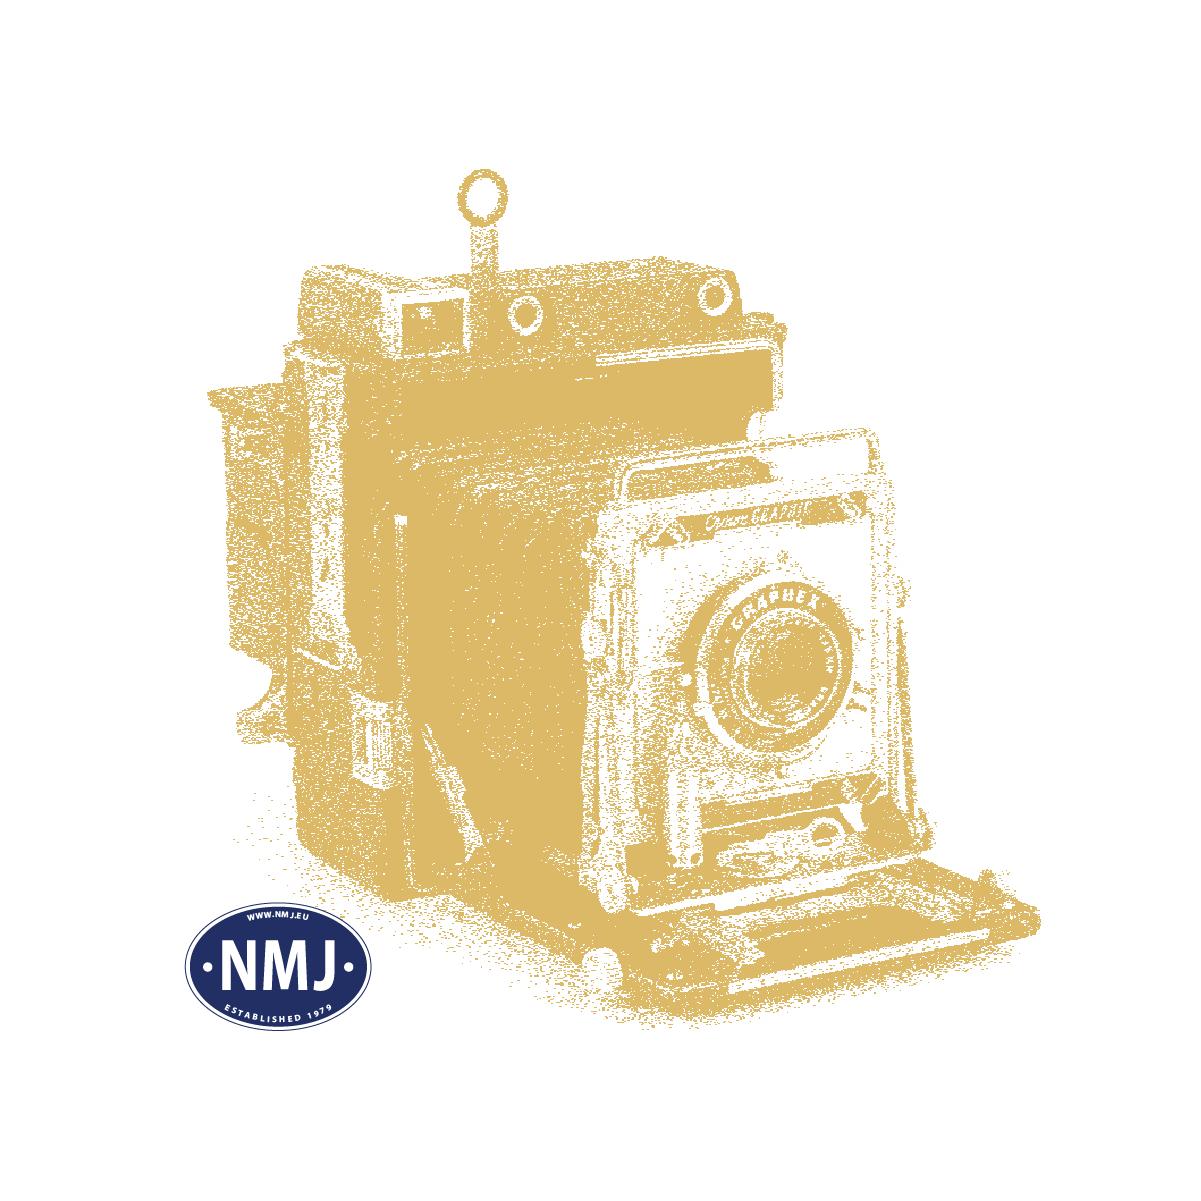 NMJT203.002 - NMJ Topline SJ AB3K 4864, 1/2 kl. Personvogn, rund SJ logo